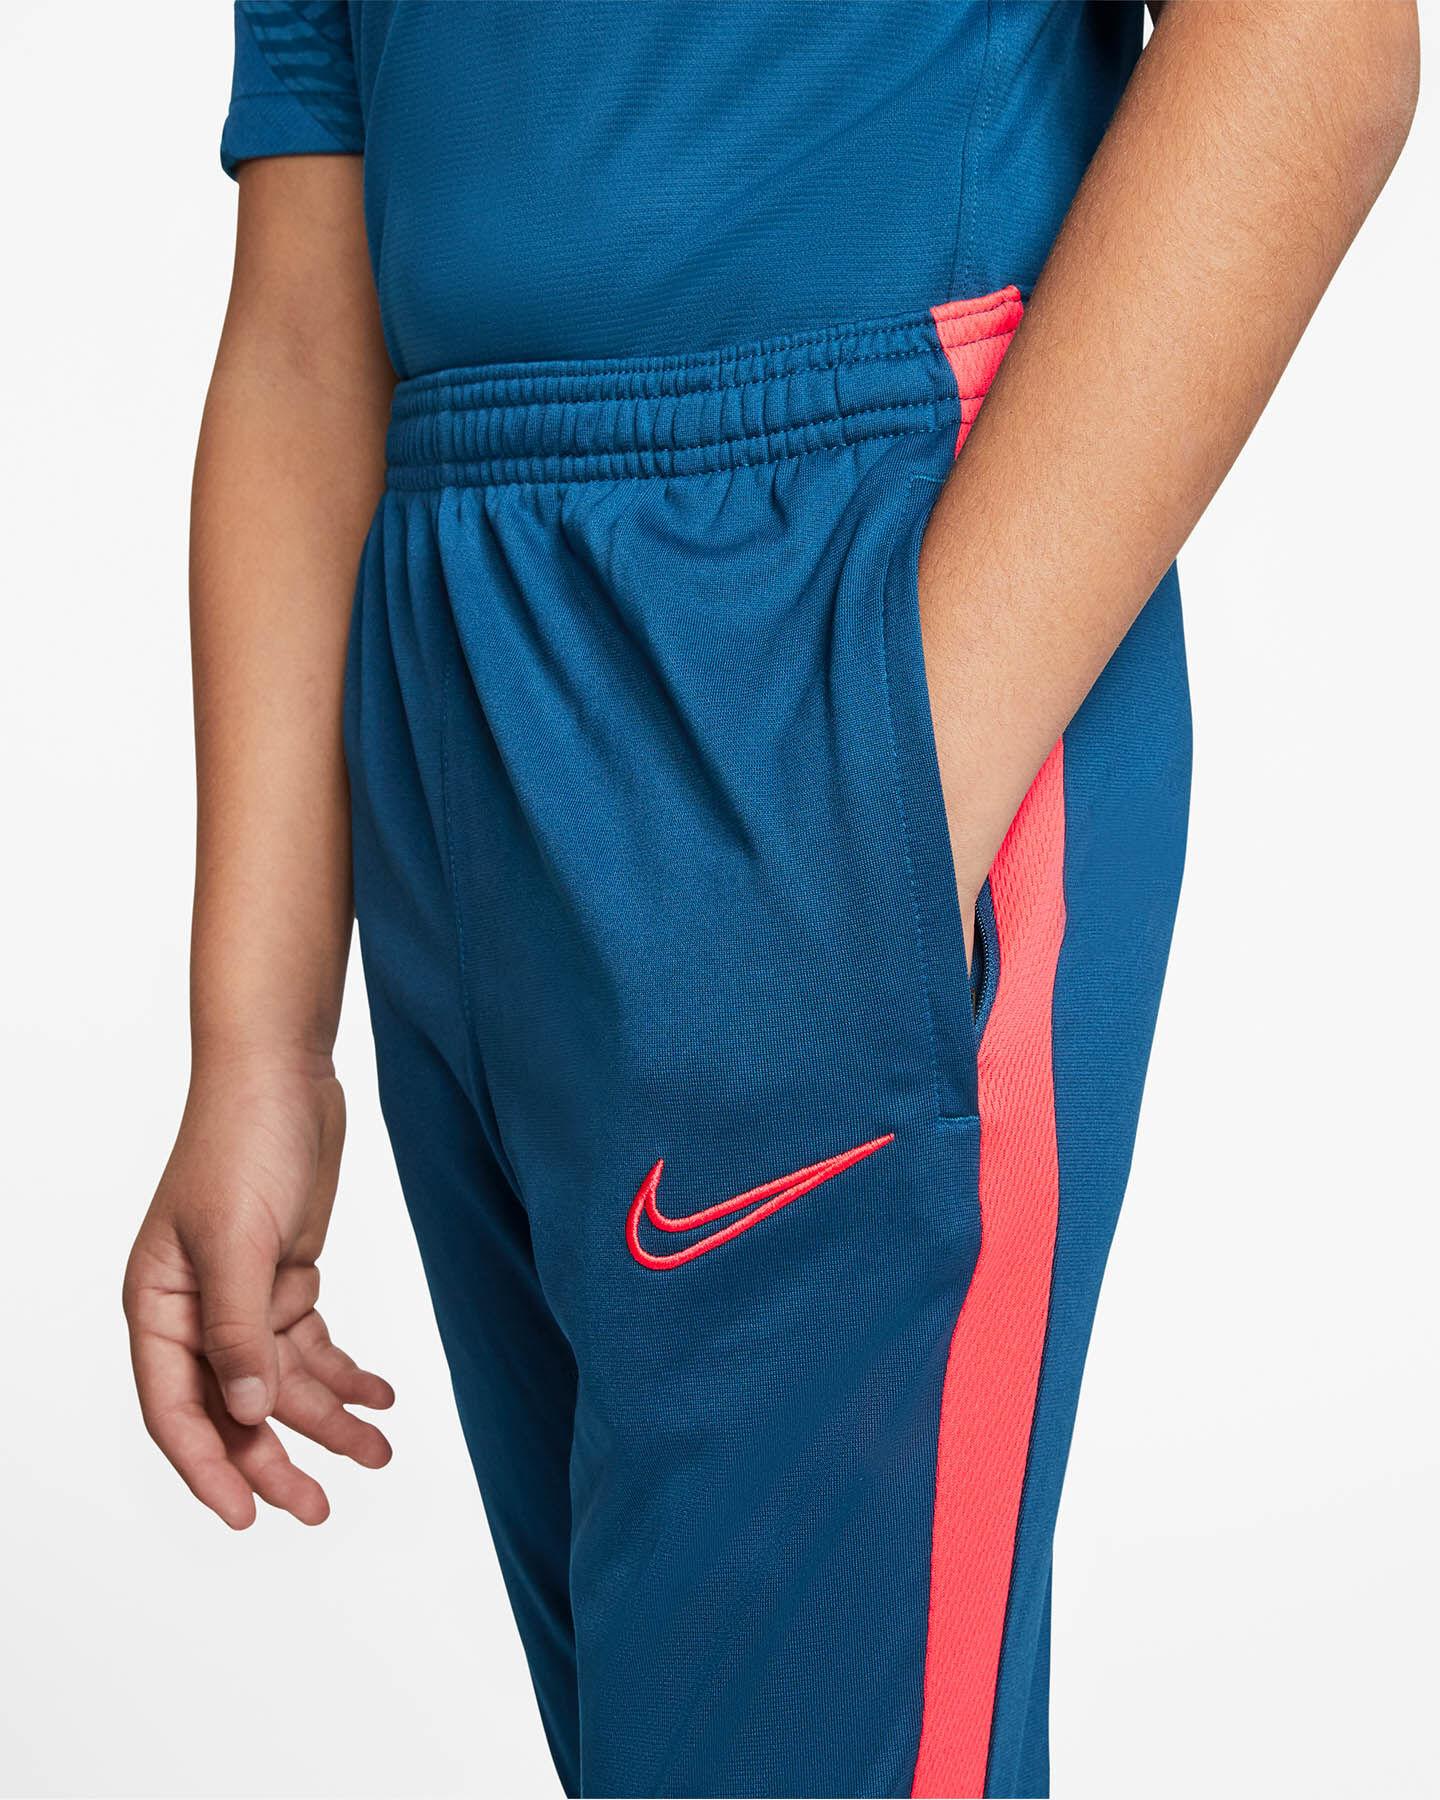 Pantaloncini calcio NIKE DRI-FIT ACADEMY JR S5162565 scatto 2